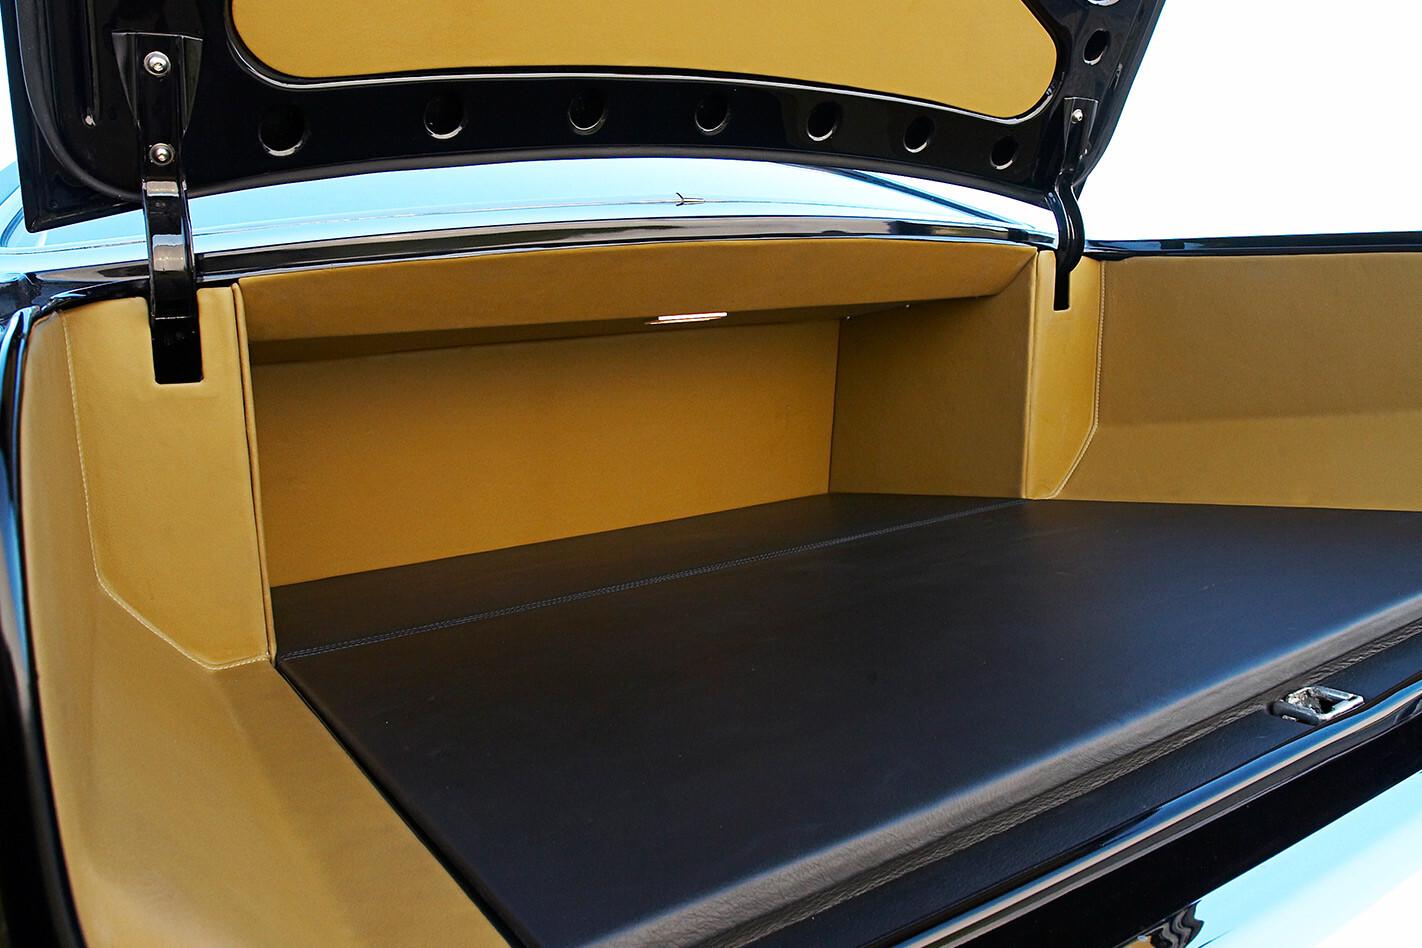 Holden HG Monaro boot